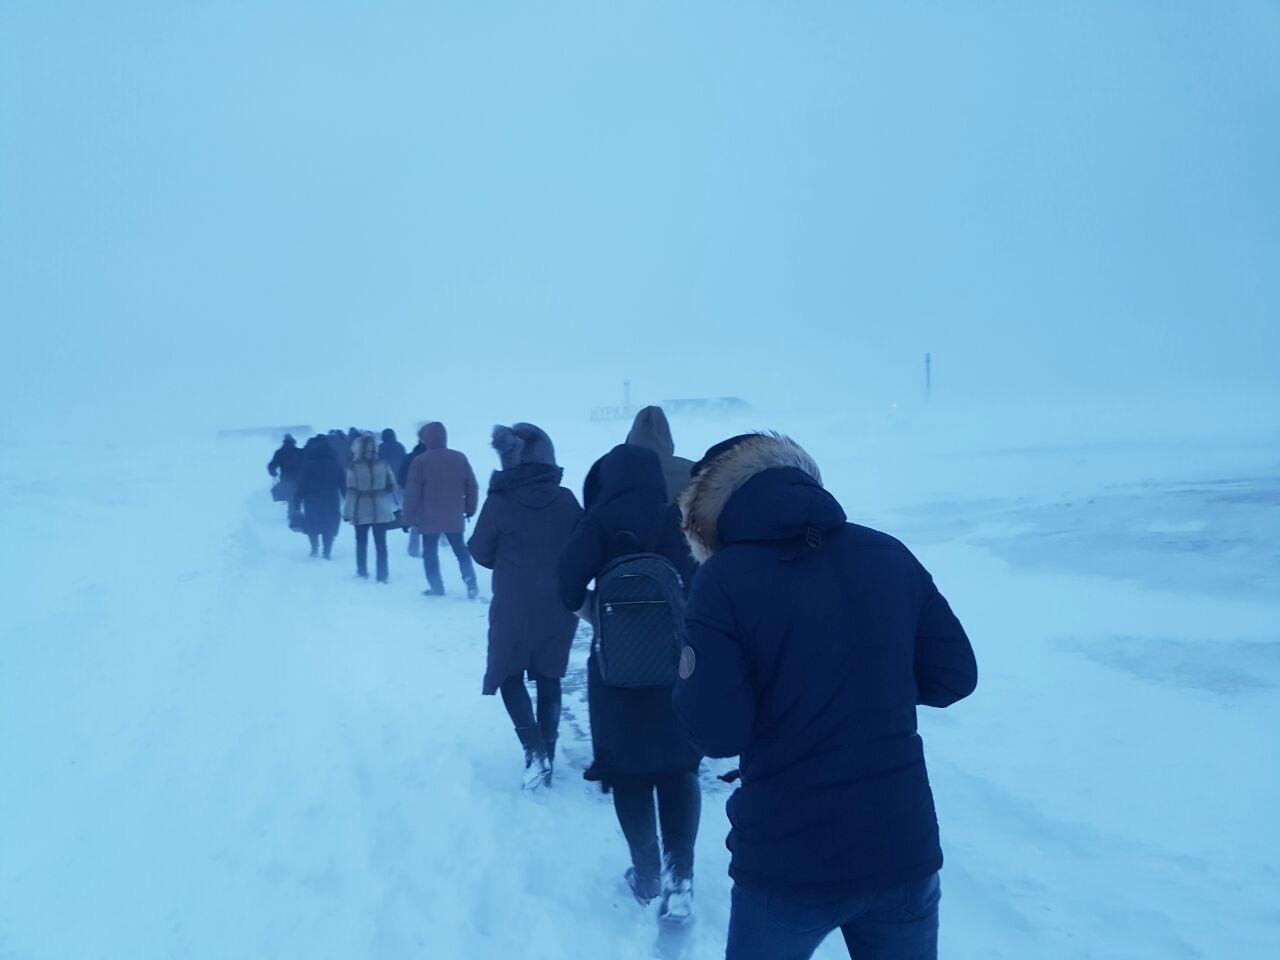 В Караганде из-за бурана сотрудники рудника добирались пешком до работы